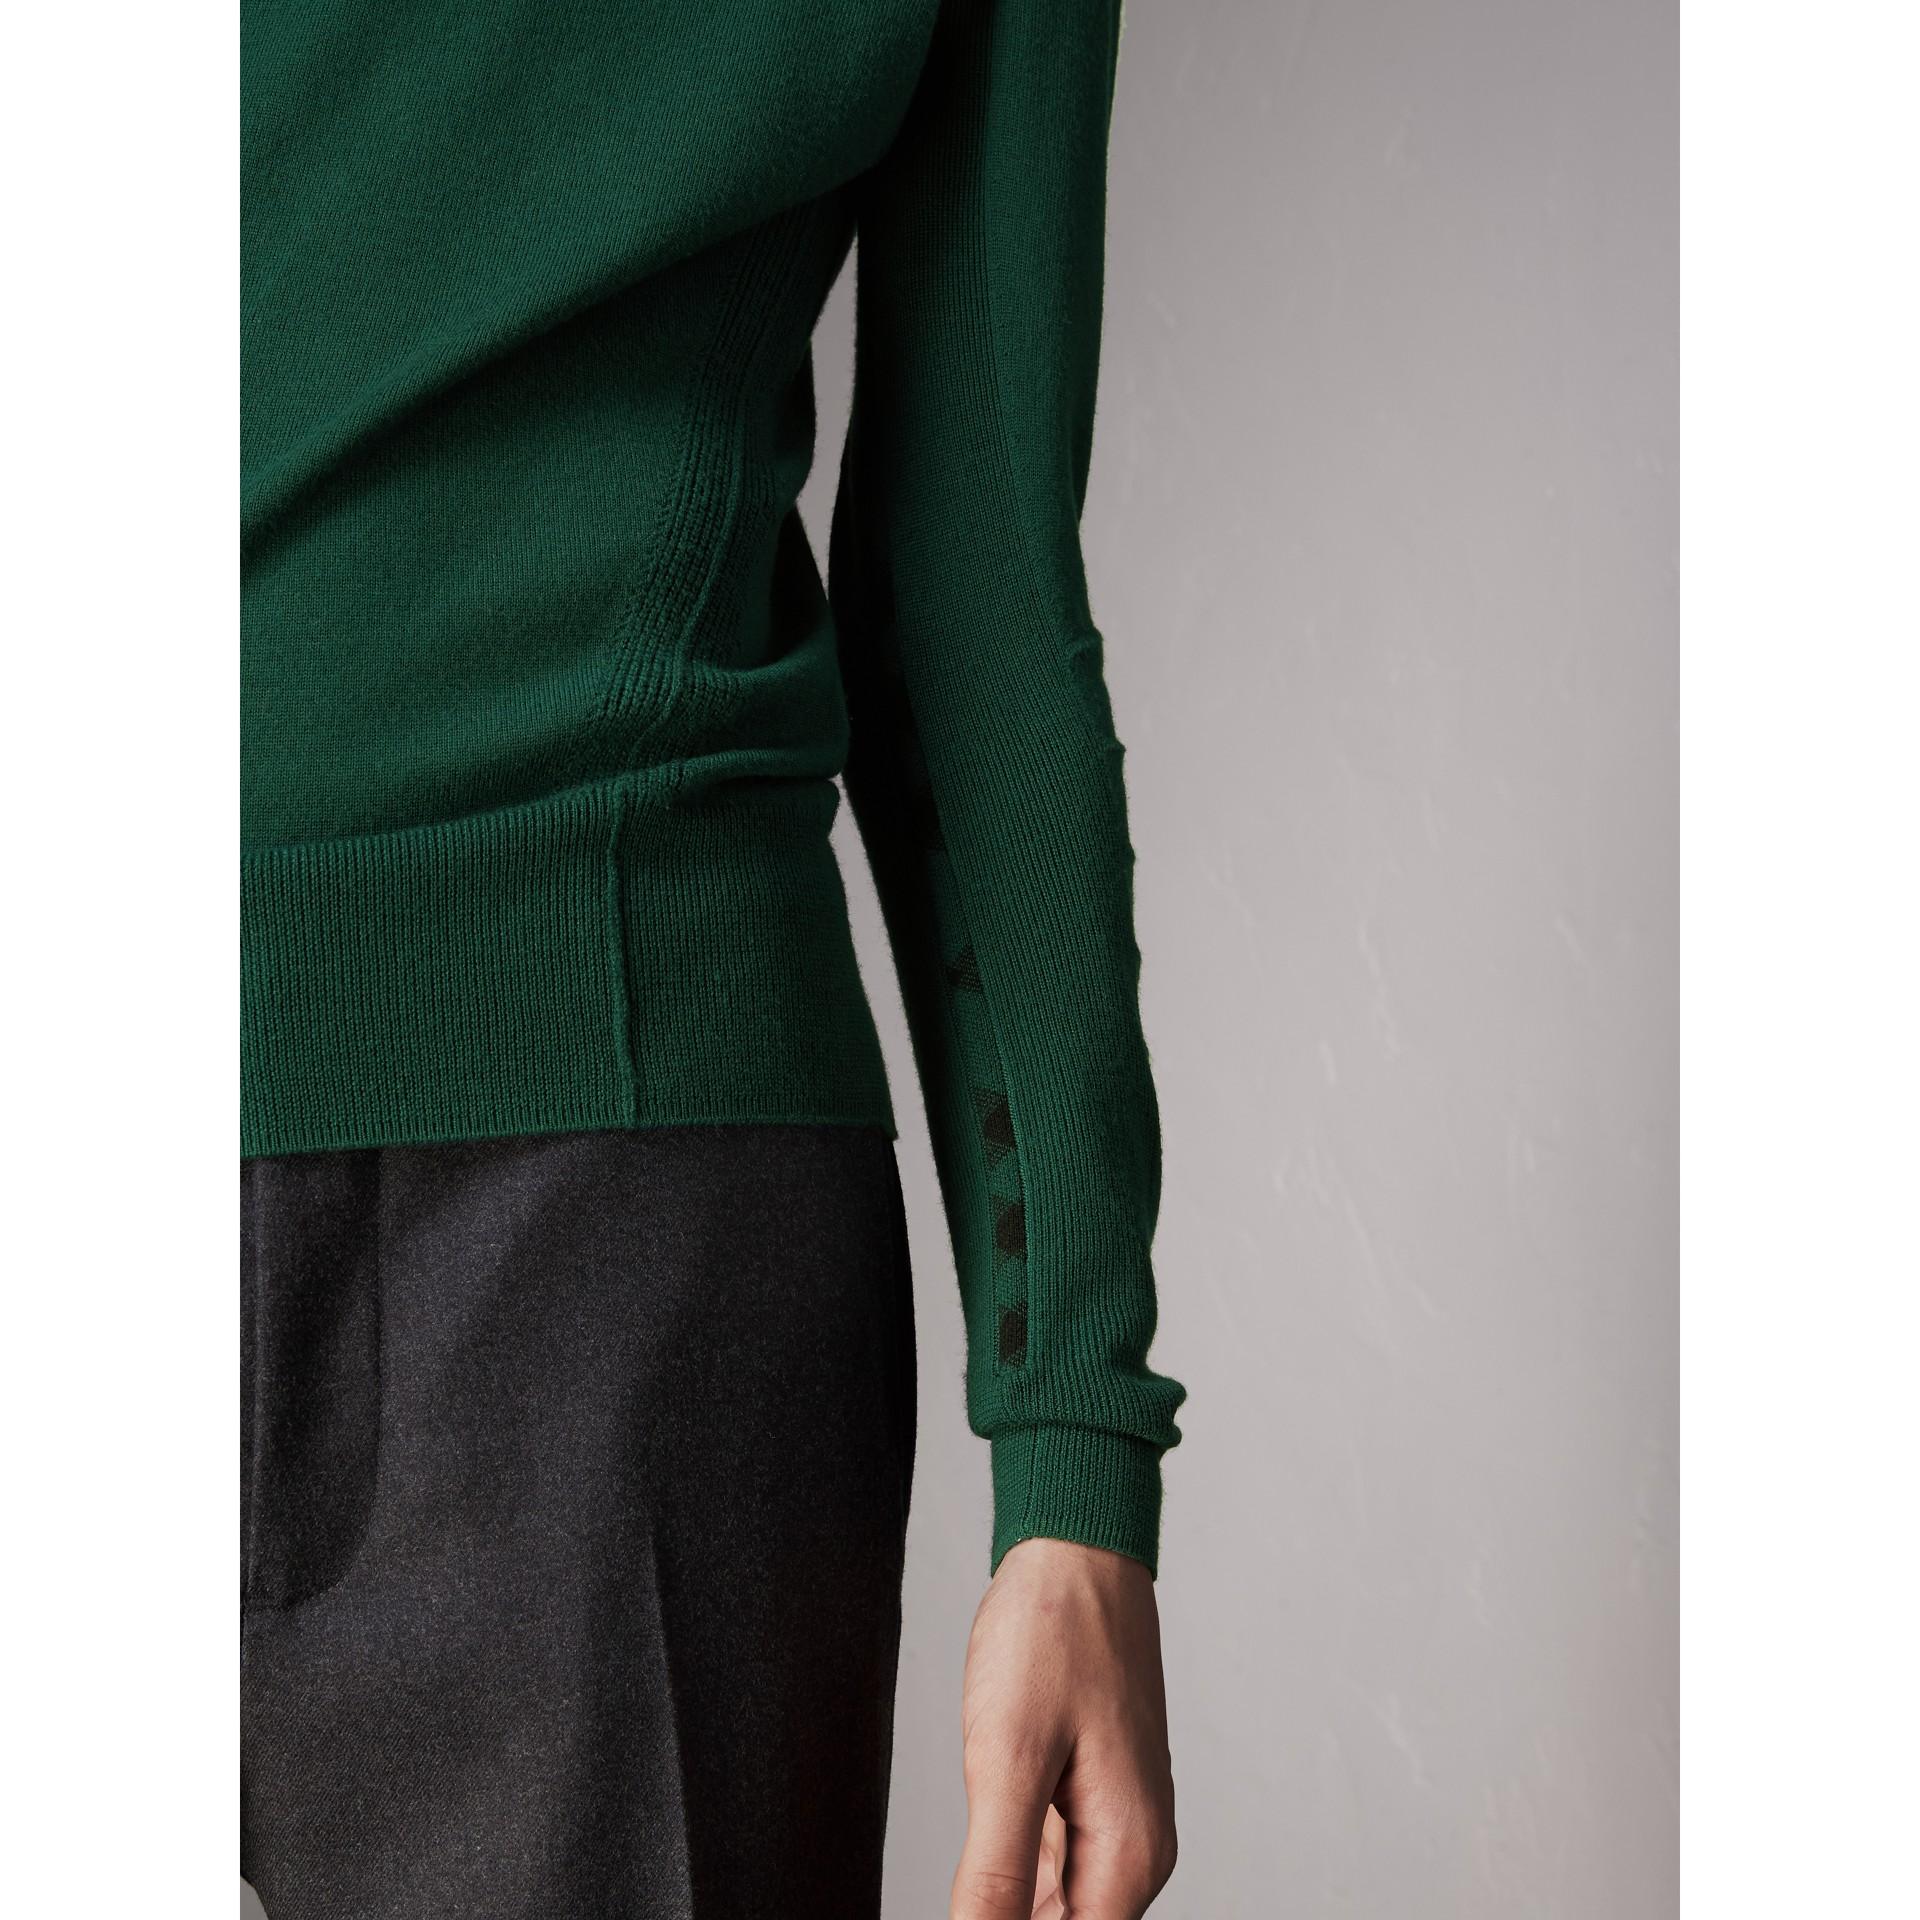 Pullover aus Merinowolle mit Karodetail (Dunkles Blaugrün) - Herren | Burberry - Galerie-Bild 2